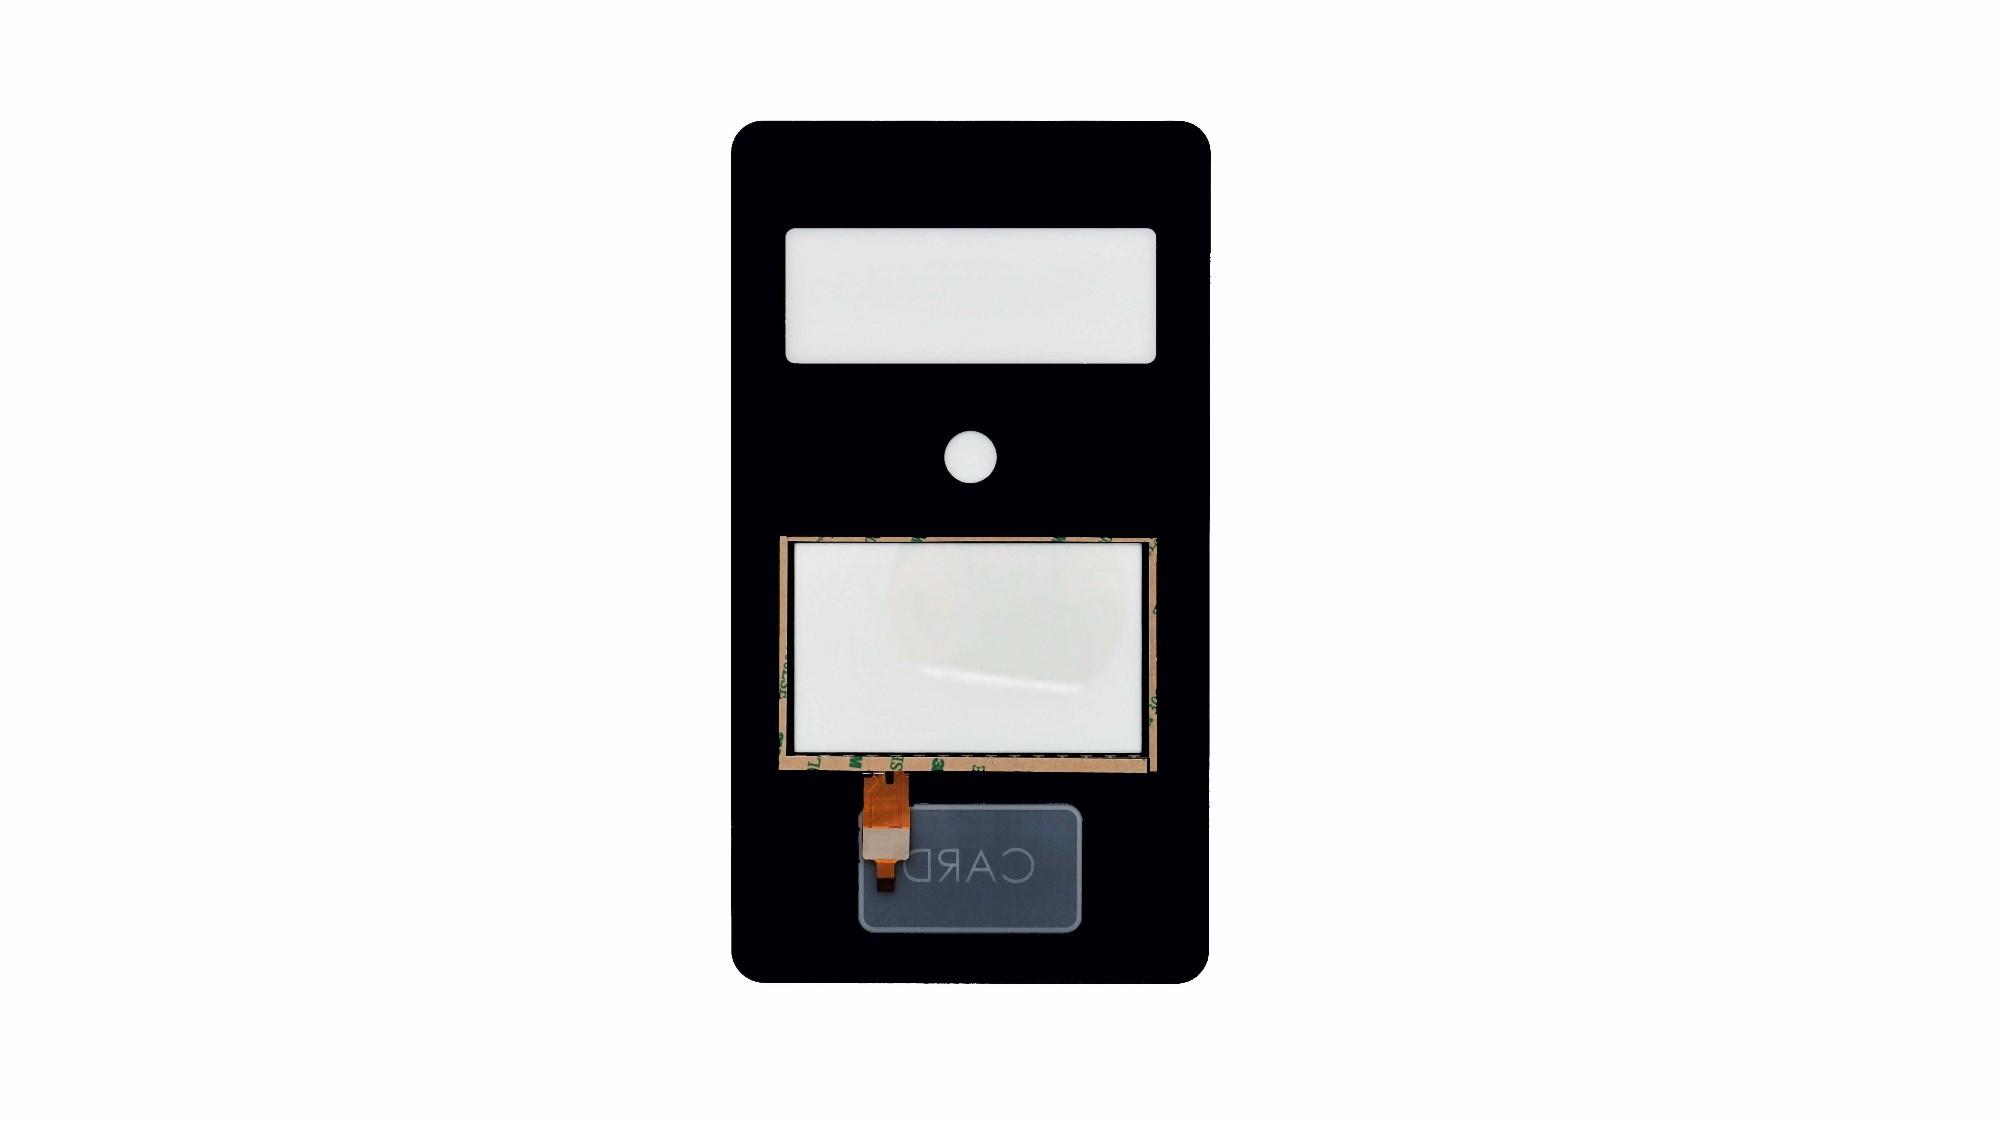 Custom China Special Custom Design Shaped I2c Usb Pcap Touch Panel, Special Custom Design Shaped I2c Usb Pcap Touch Panel Factory, Special Custom Design Shaped I2c Usb Pcap Touch Panel OEM